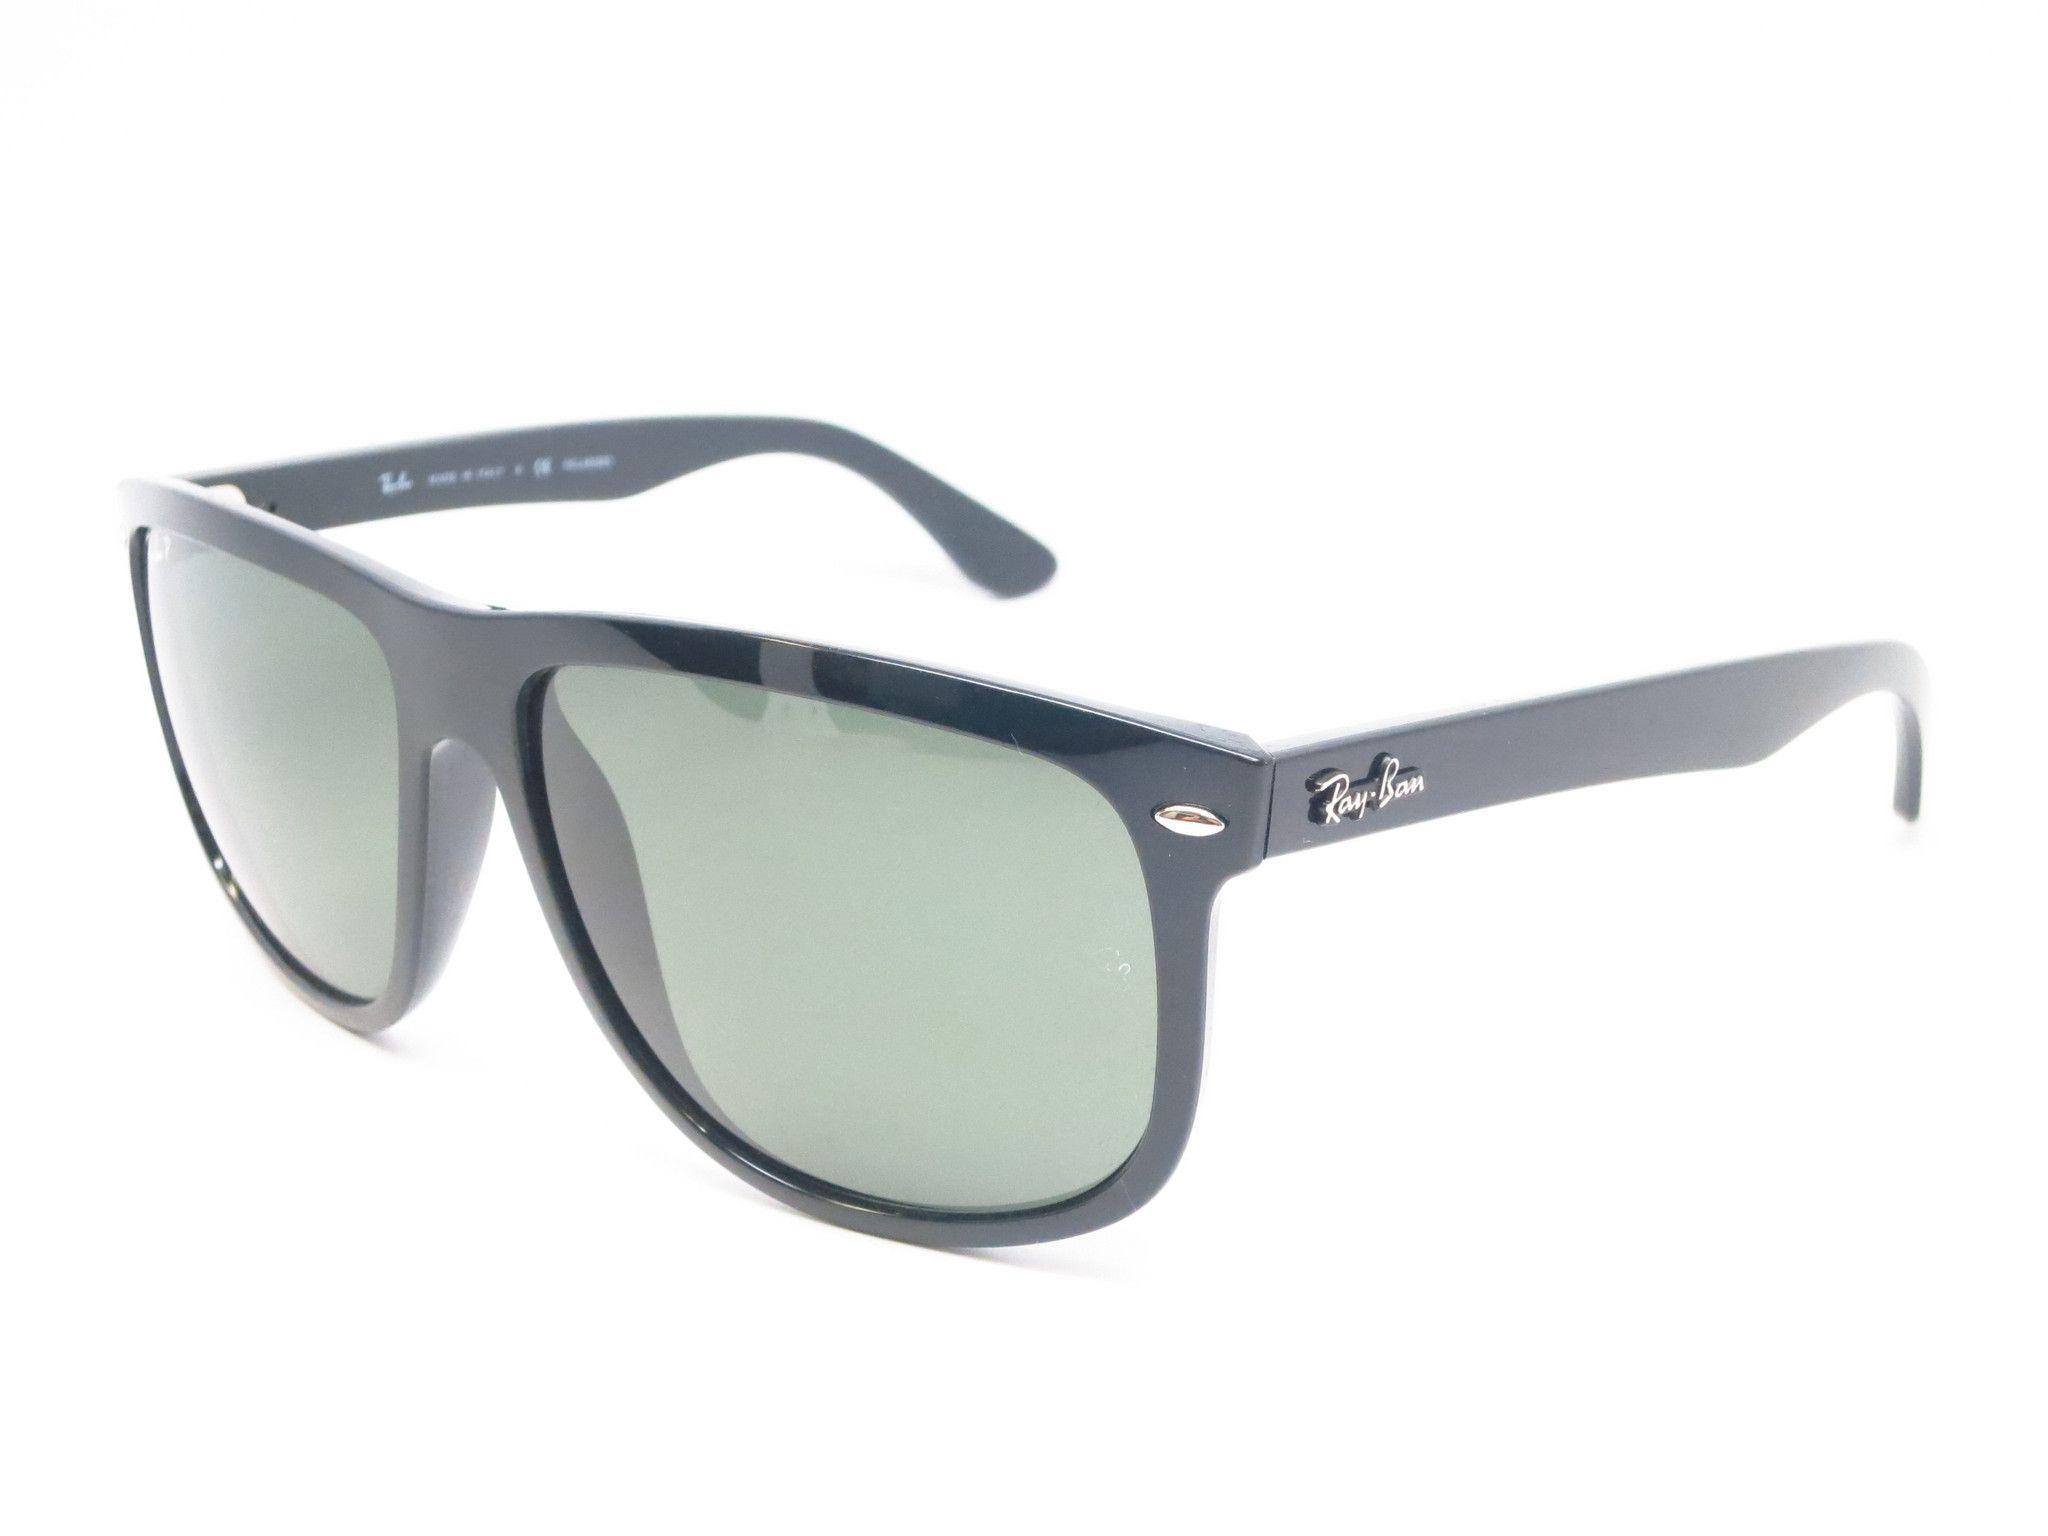 a1b7a7dd26 Ray-Ban RB 4147 601 58 Black Polarized Sunglasses